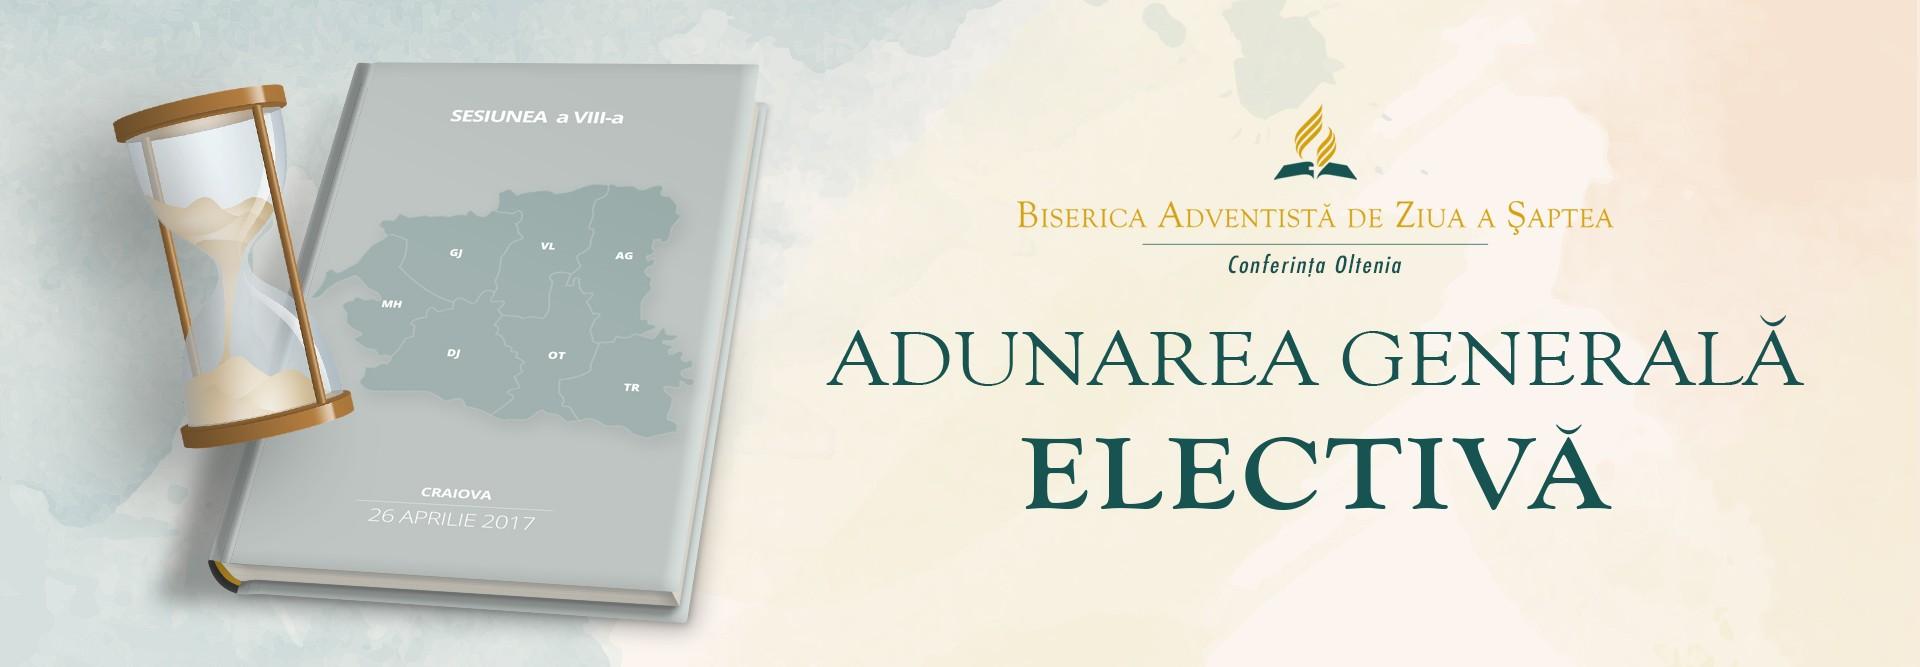 adunare electiva